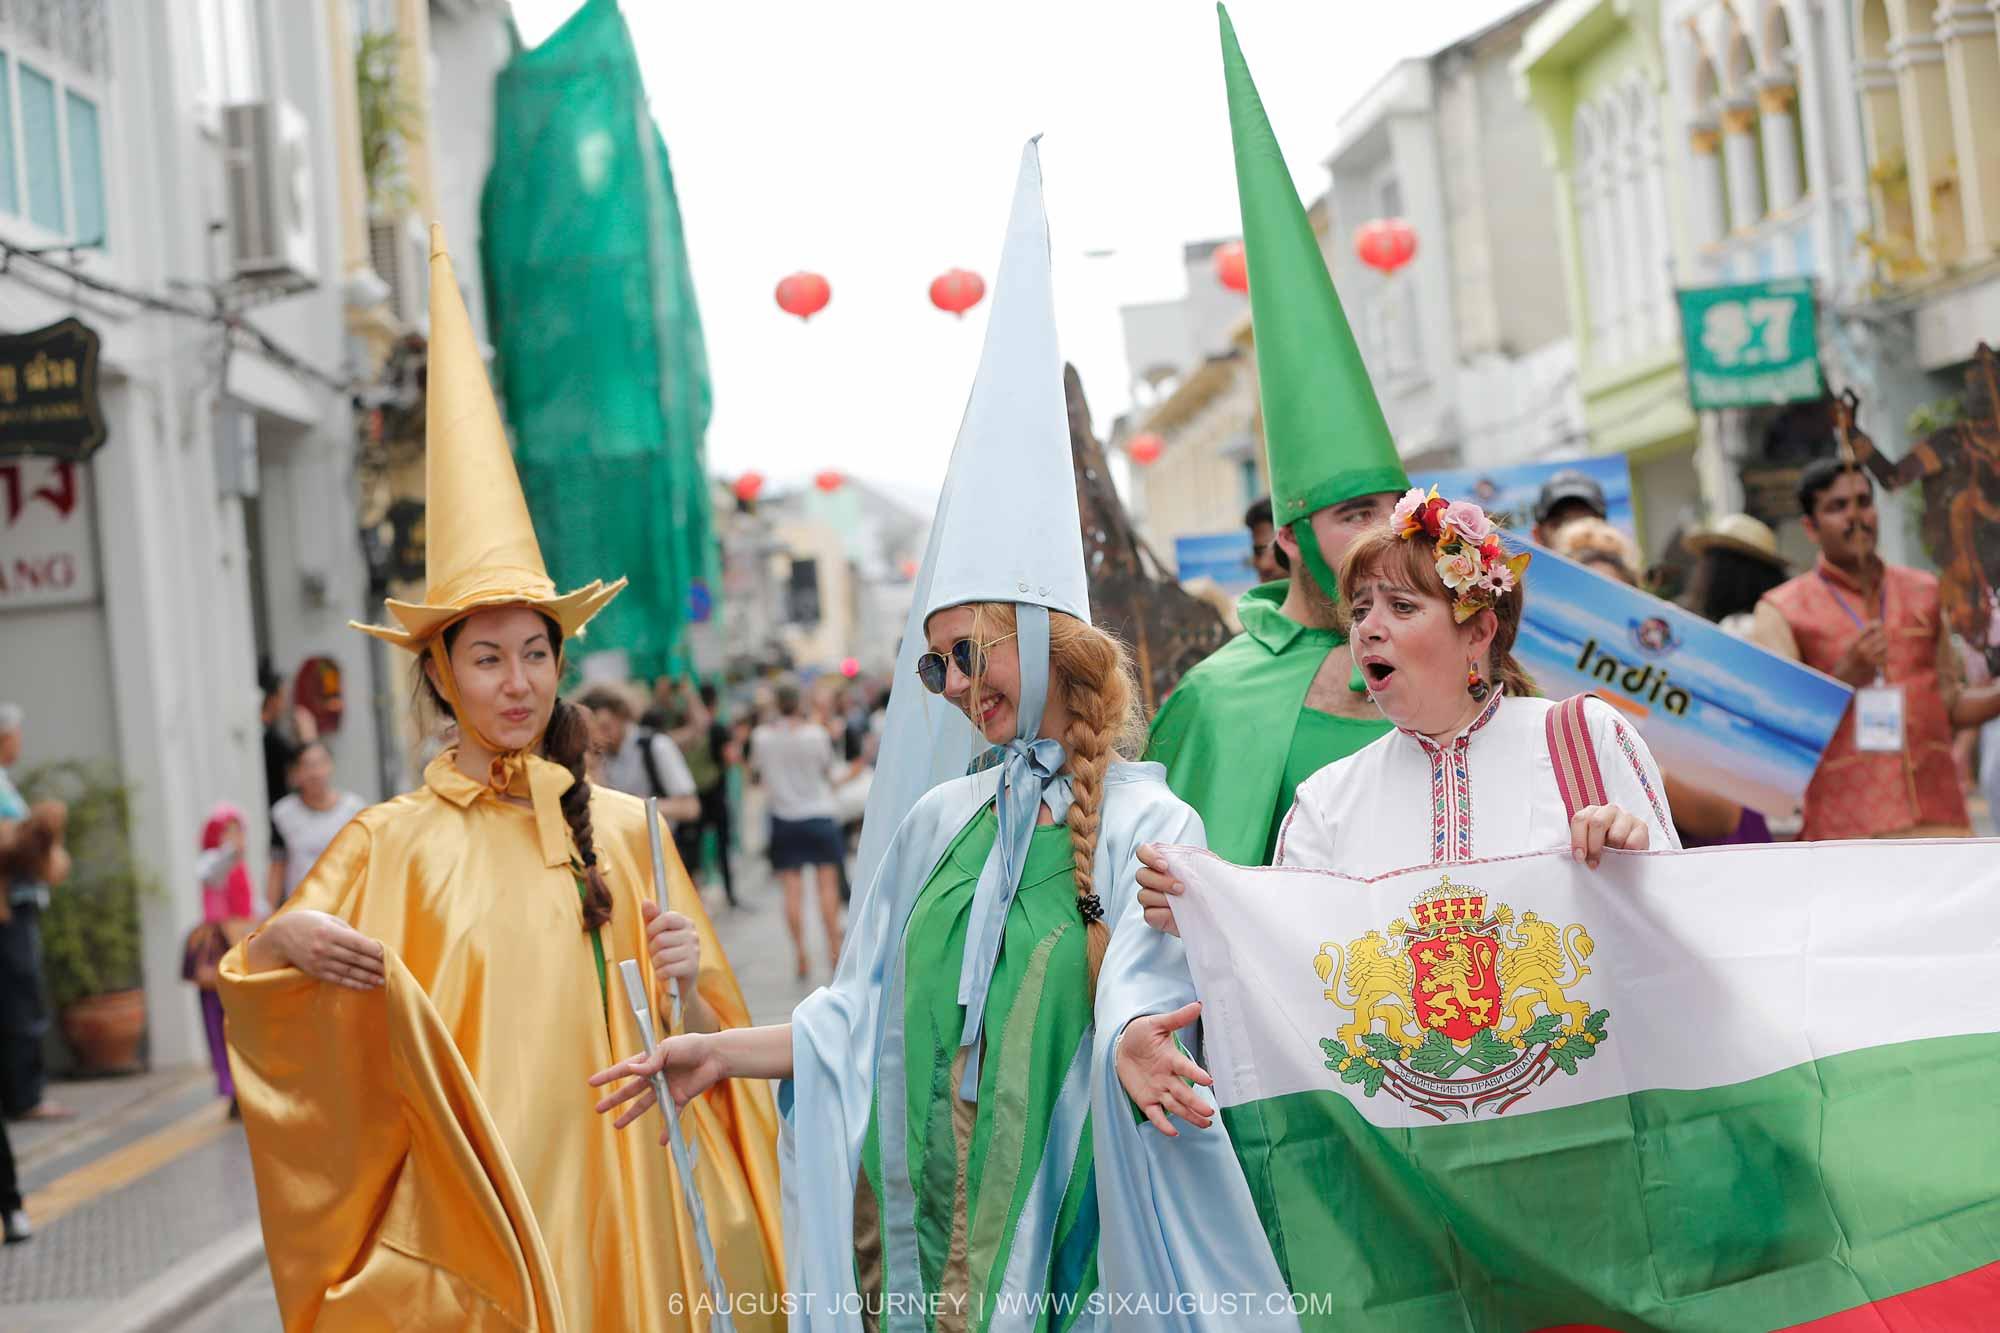 เทศกาลหุ่นโลกภูเก็ต 2561 | เทศกาลเล็กๆ เหมือนย้อนไปเป็นเด็กอีกครั้ง